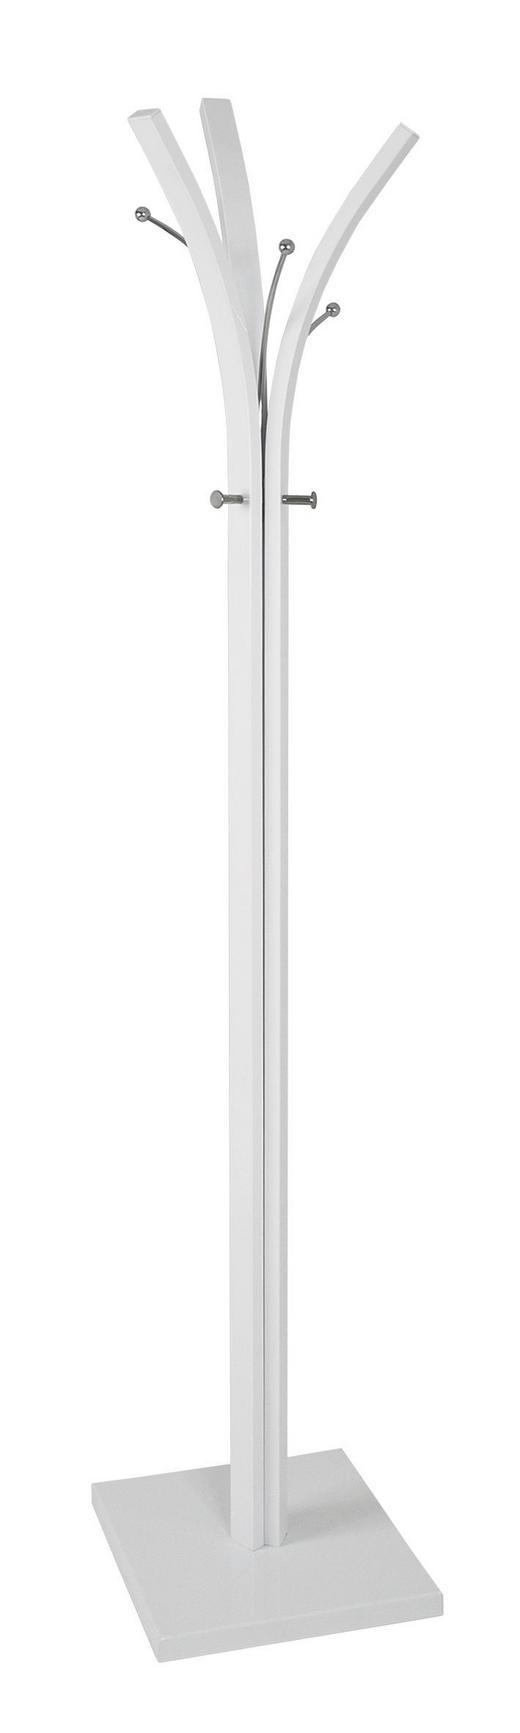 GARDEROBENSTÄNDER Chromfarben, Weiß - Chromfarben/Weiß, Basics, Metall (36/36/180cm)